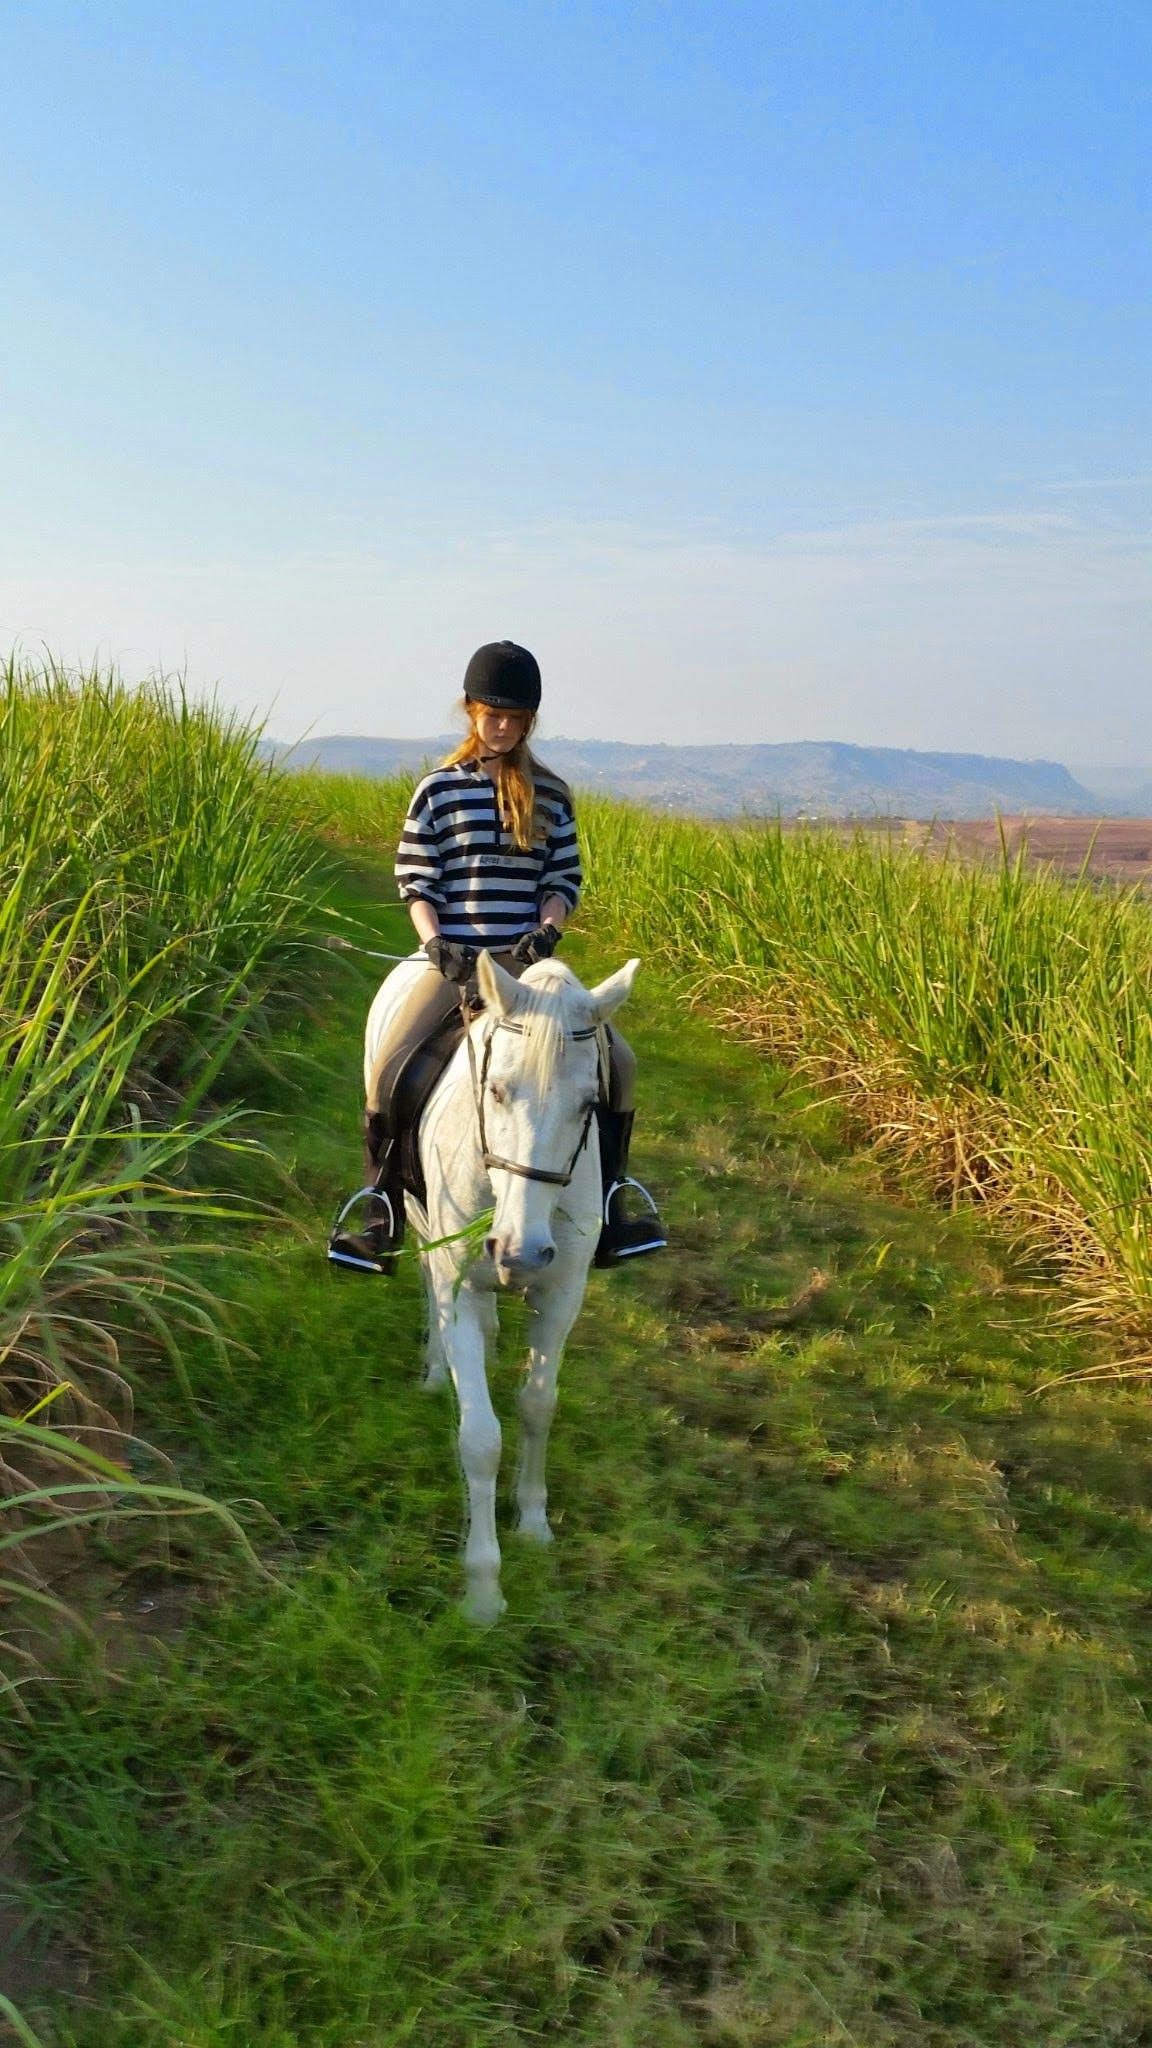 Základová fotografie zdarma na téma cukrová třtina, dívka na koni, jezdec na koni, jízda v hlíně